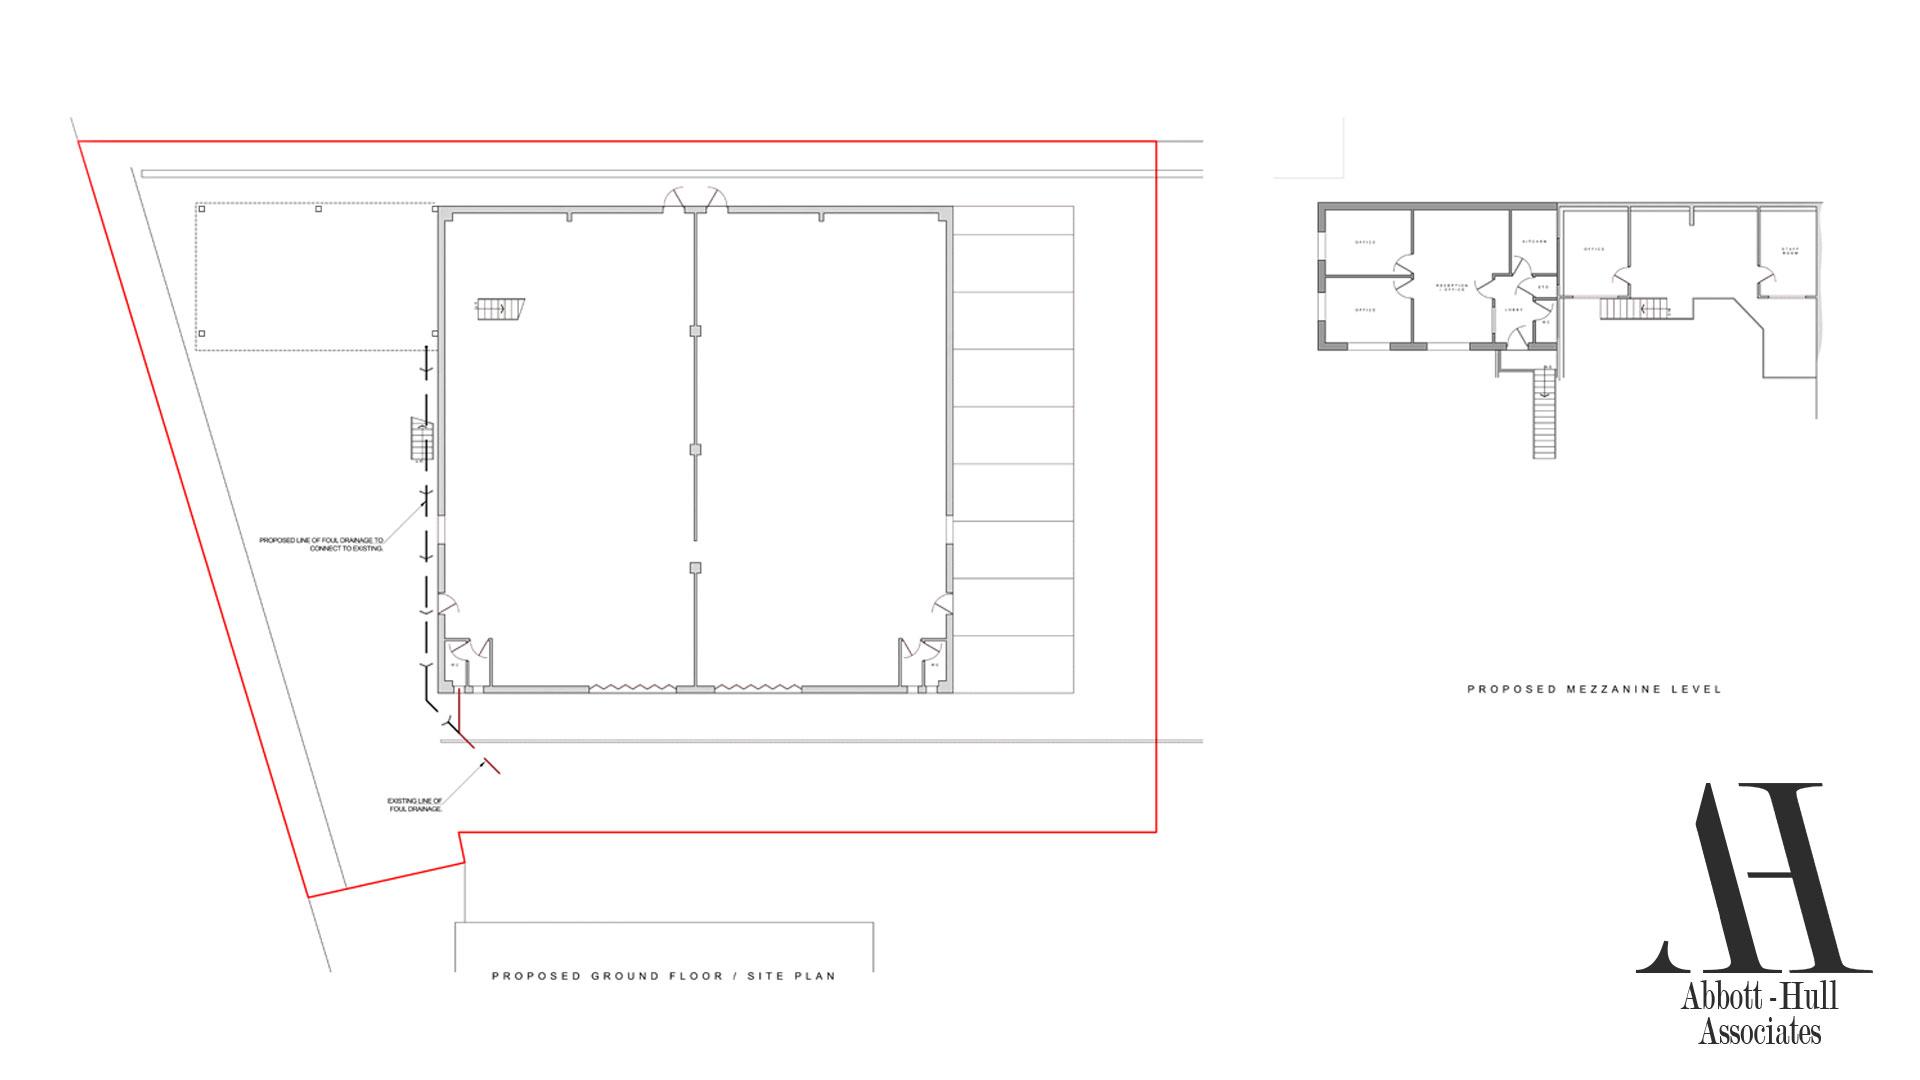 Unit 9 Wyrefields, Poulton Industrial Estate - Proposed Plans